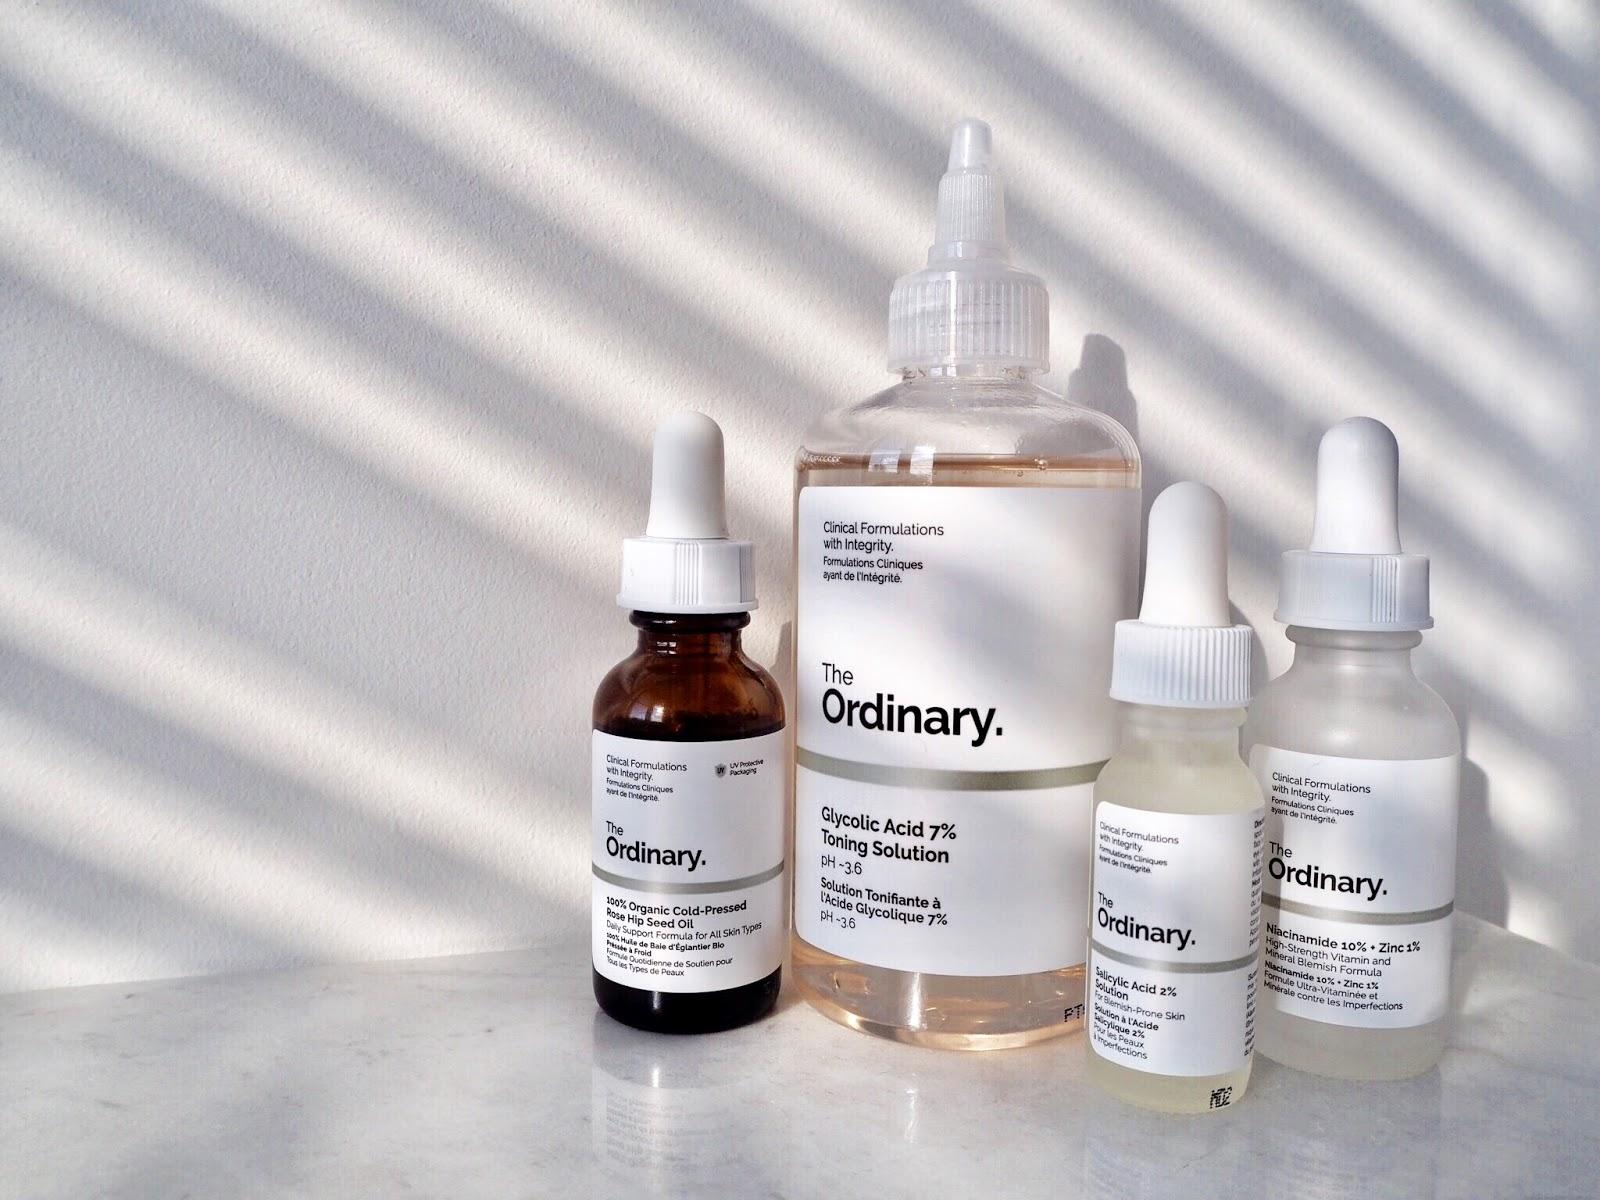 The Ordinary Deciem Skincare